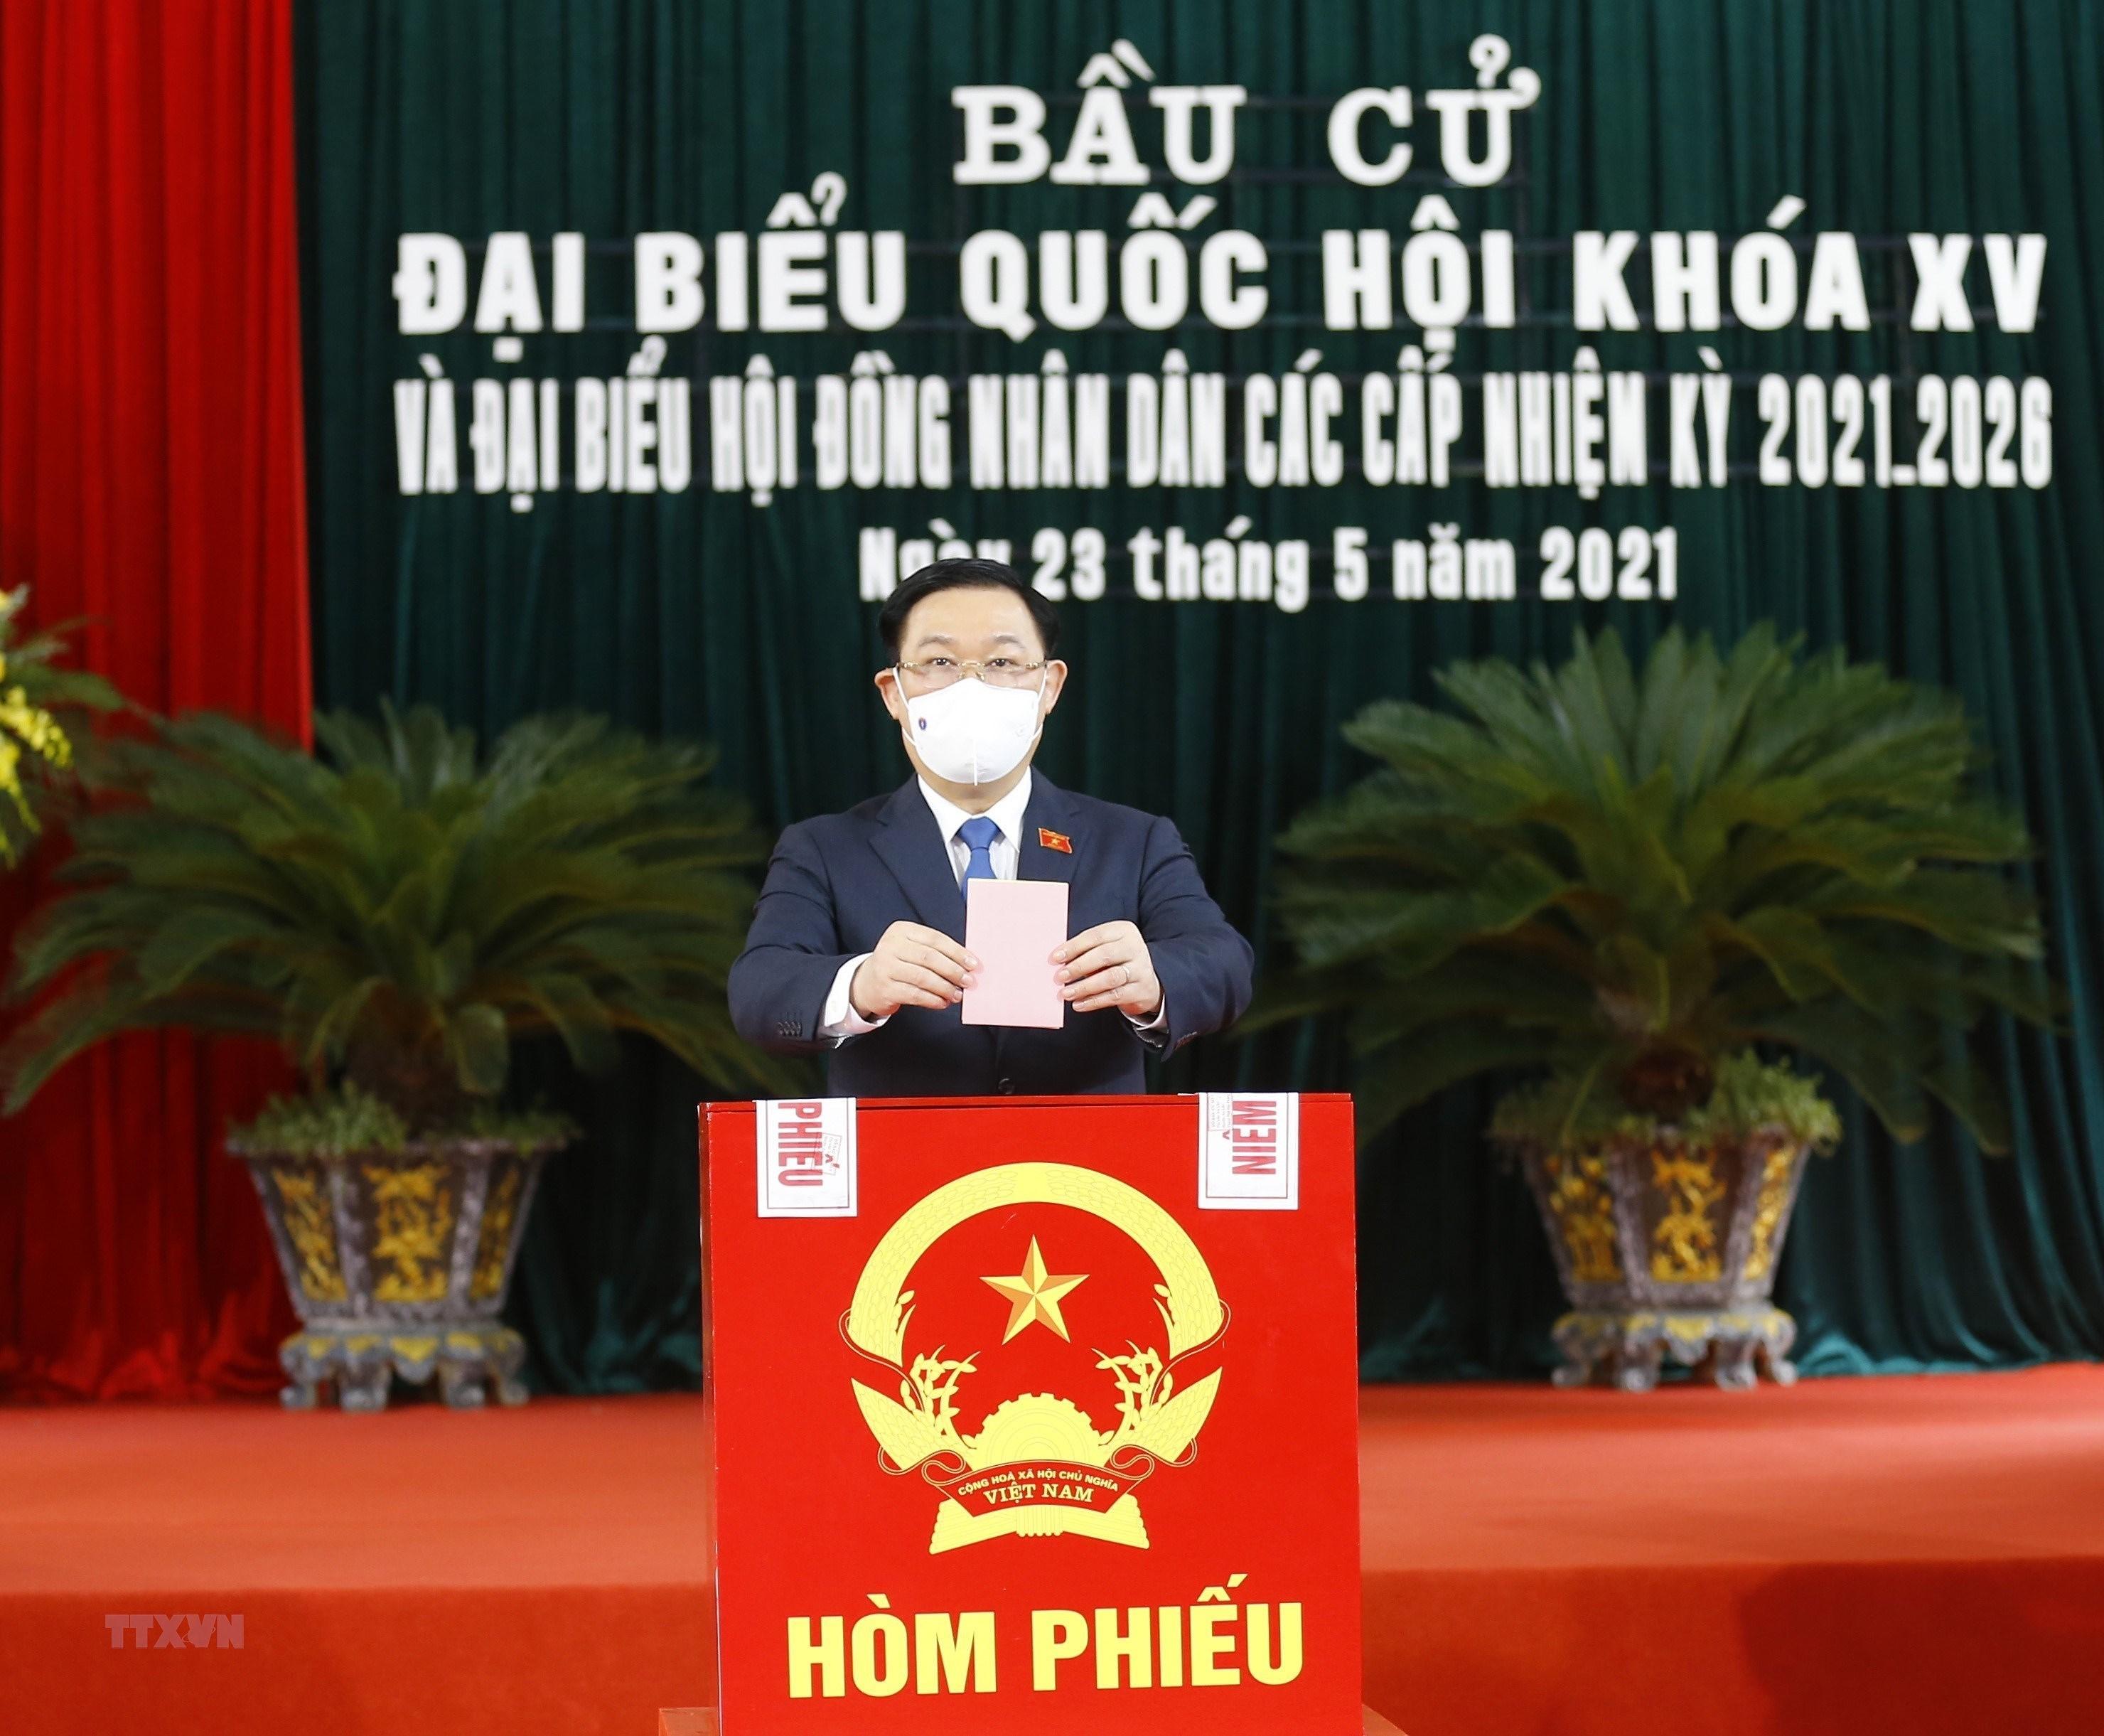 """""""Bau cu tai Viet Nam giup tang cuong hon nua quan he hop tac voi Nga"""" hinh anh 1"""